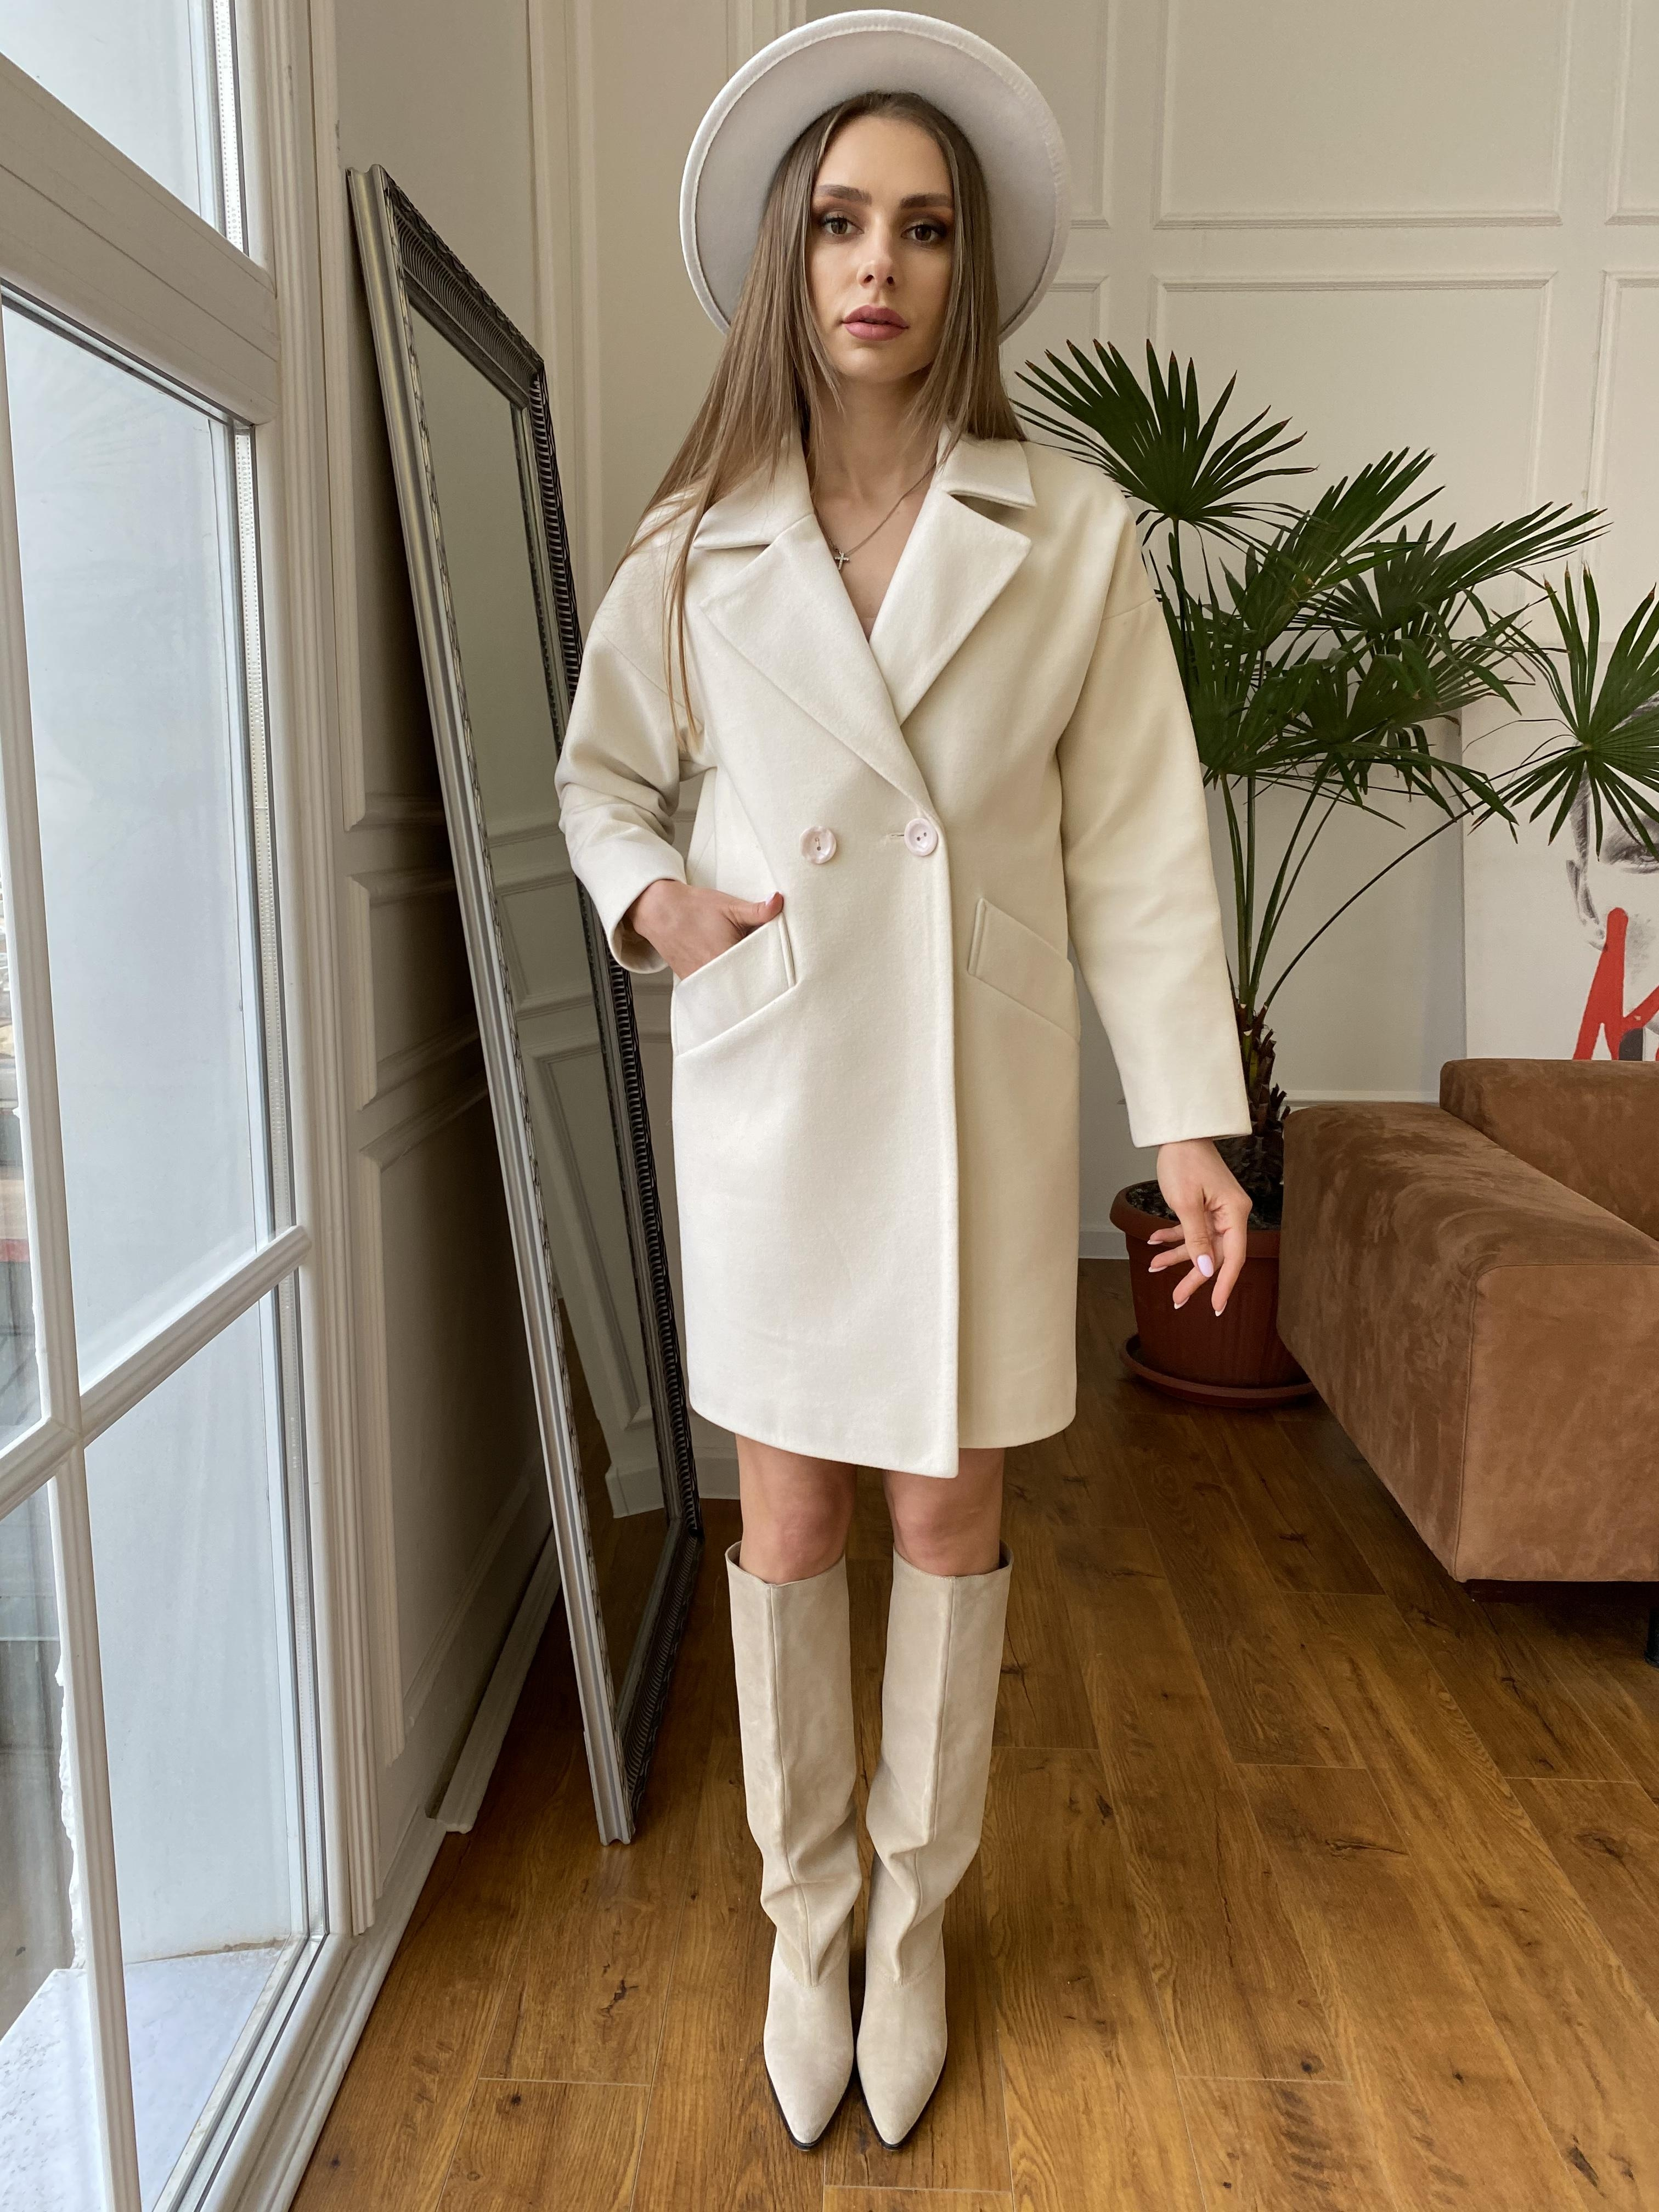 Сенсей пальто  из гладкого кашемира 10774 АРТ. 47203 Цвет: Молоко - фото 6, интернет магазин tm-modus.ru